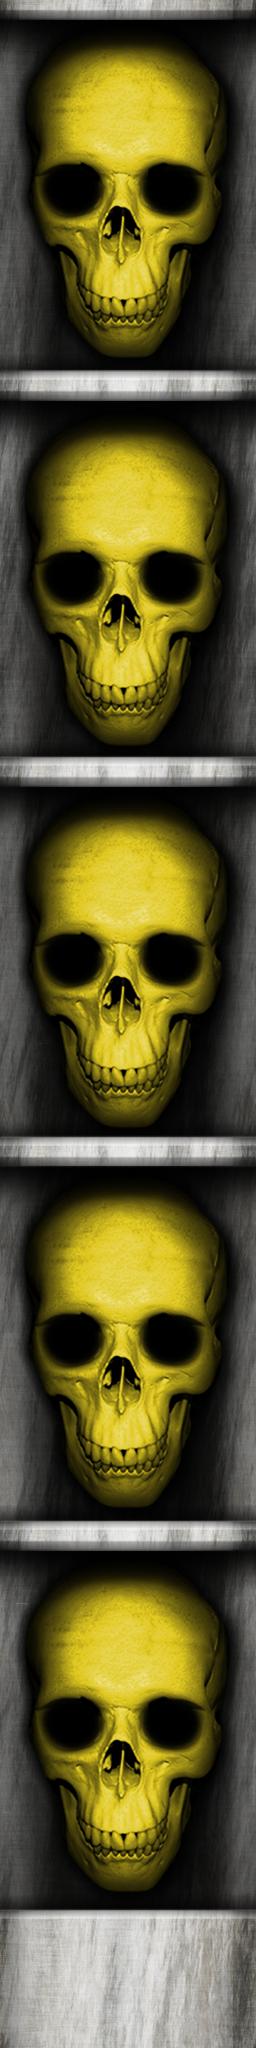 Yellow Skull Key Door Edge by Hoover1979